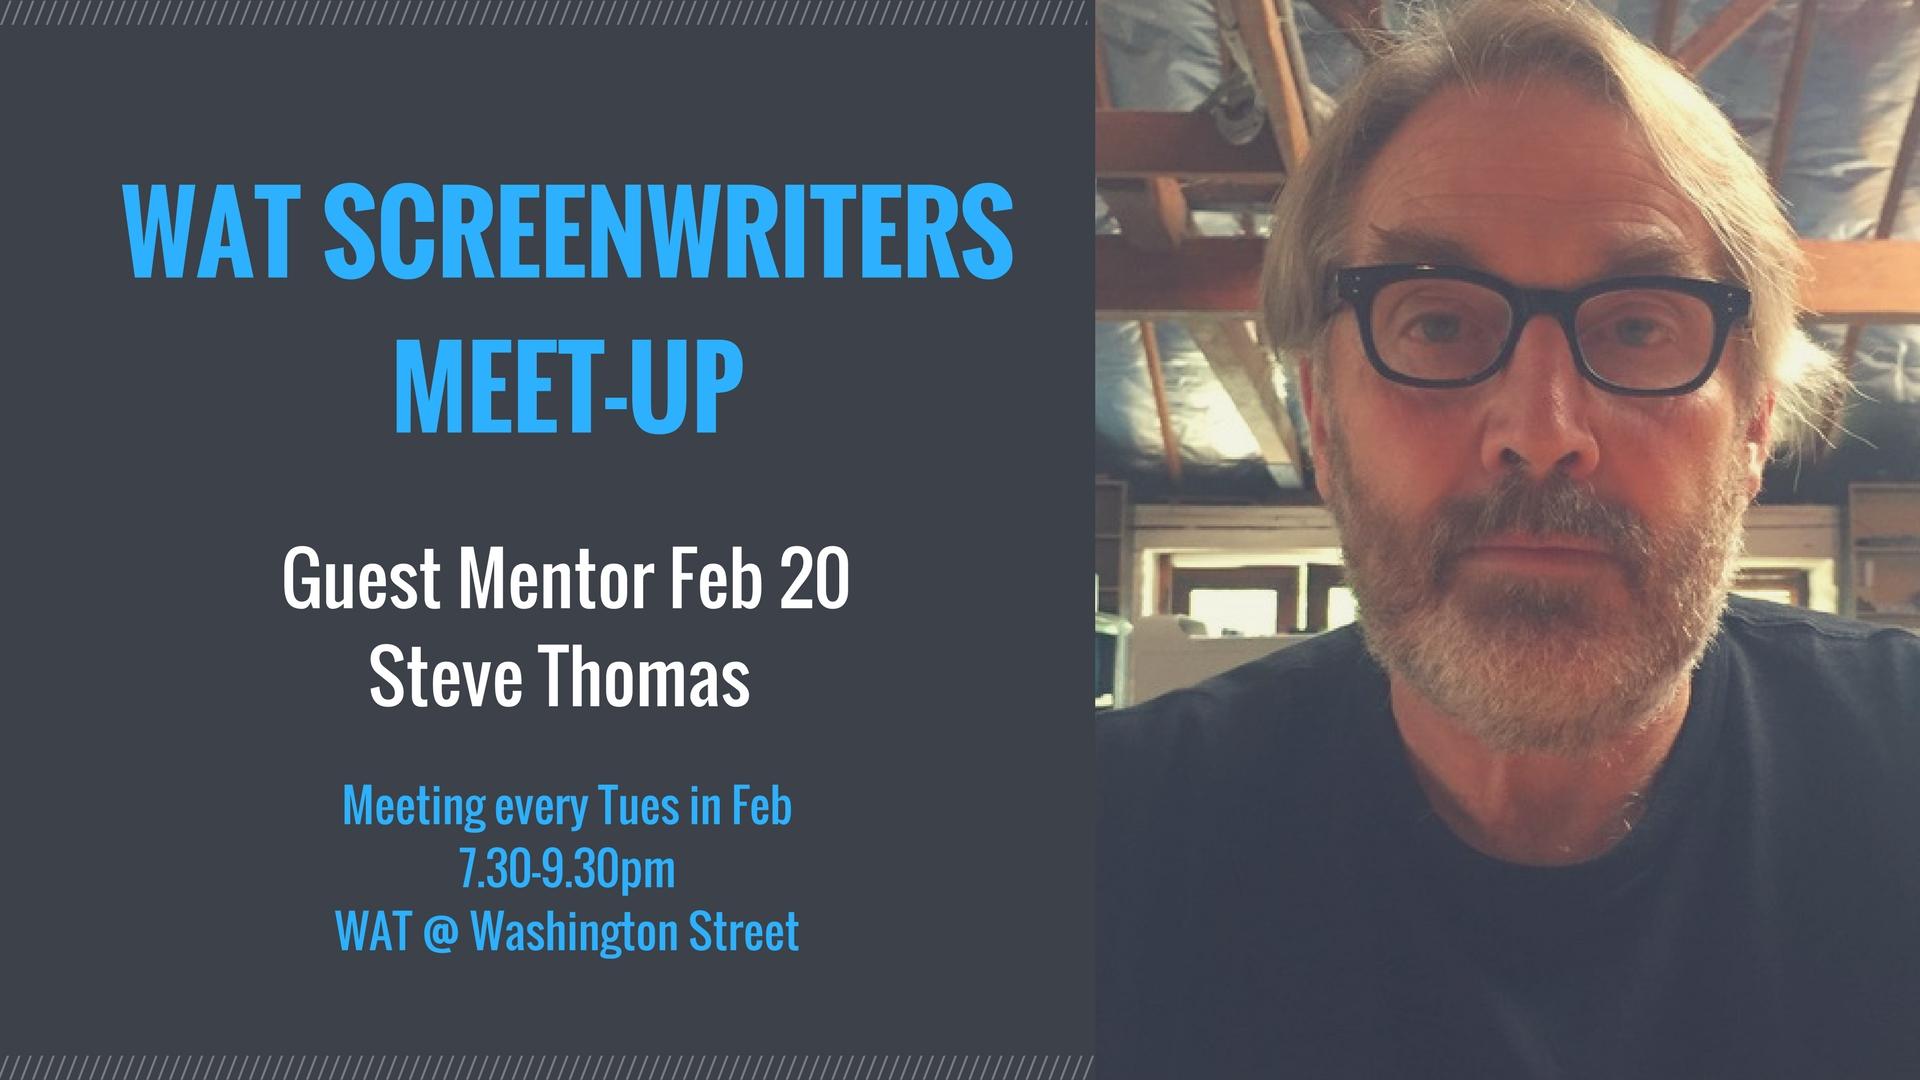 WAT_Screenwriters_Meet-up.jpg